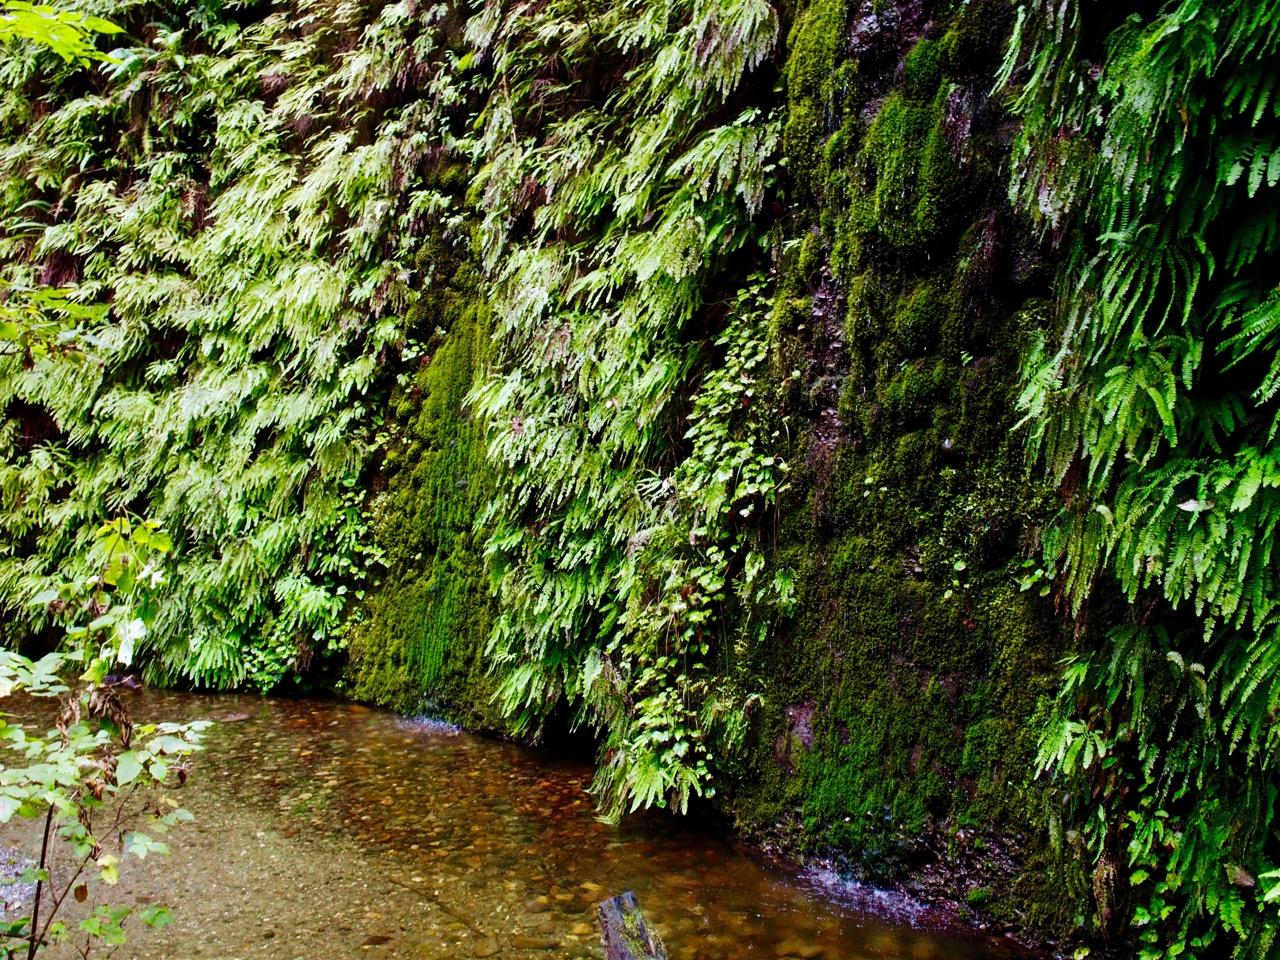 fern-canyon-wall-P9210136.jpeg